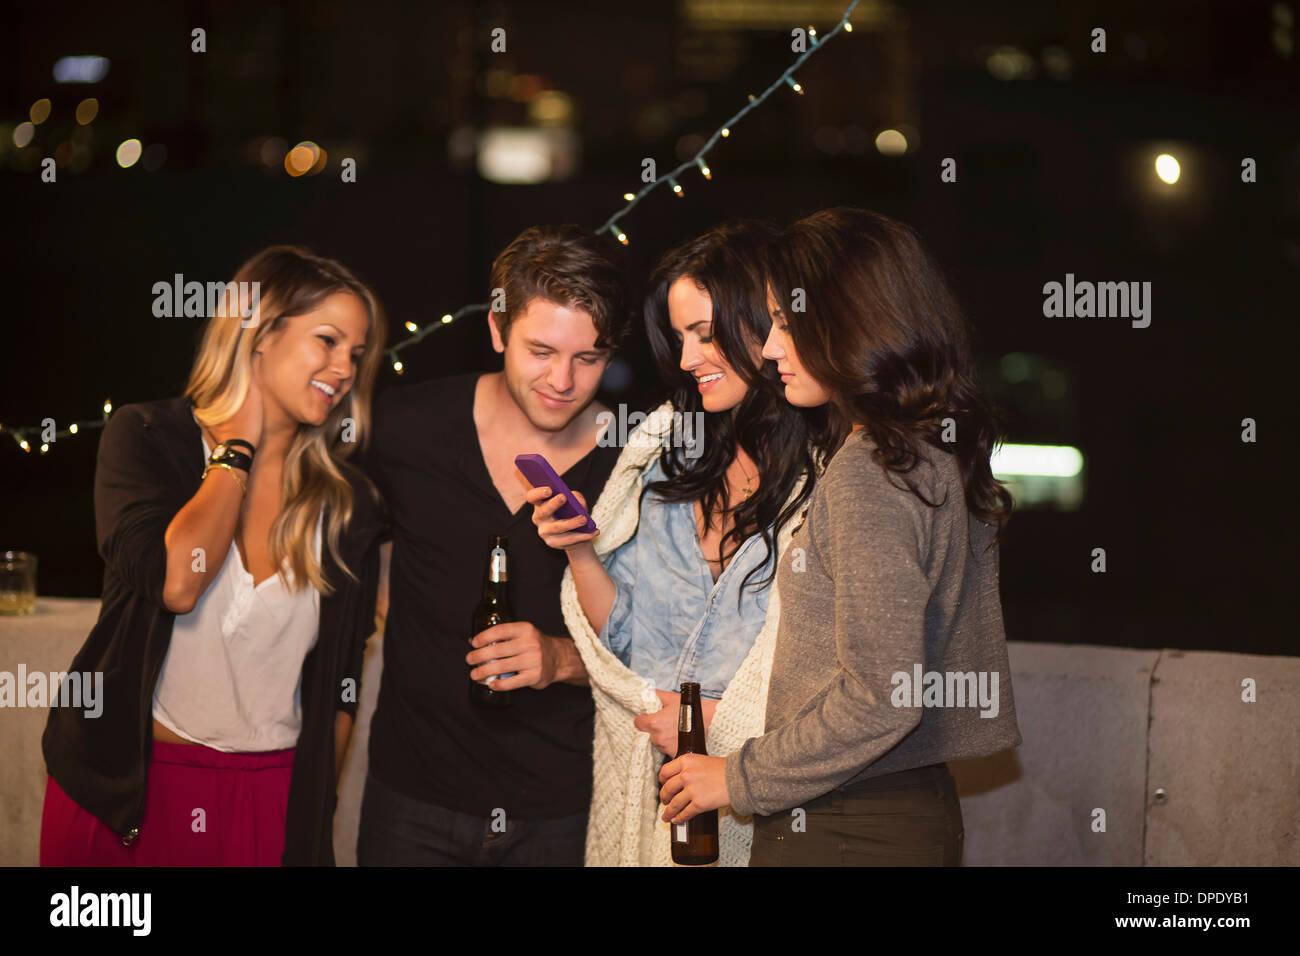 Amigos en busca de jóvenes adultos en teléfono móvil a parte de la azotea Imagen De Stock